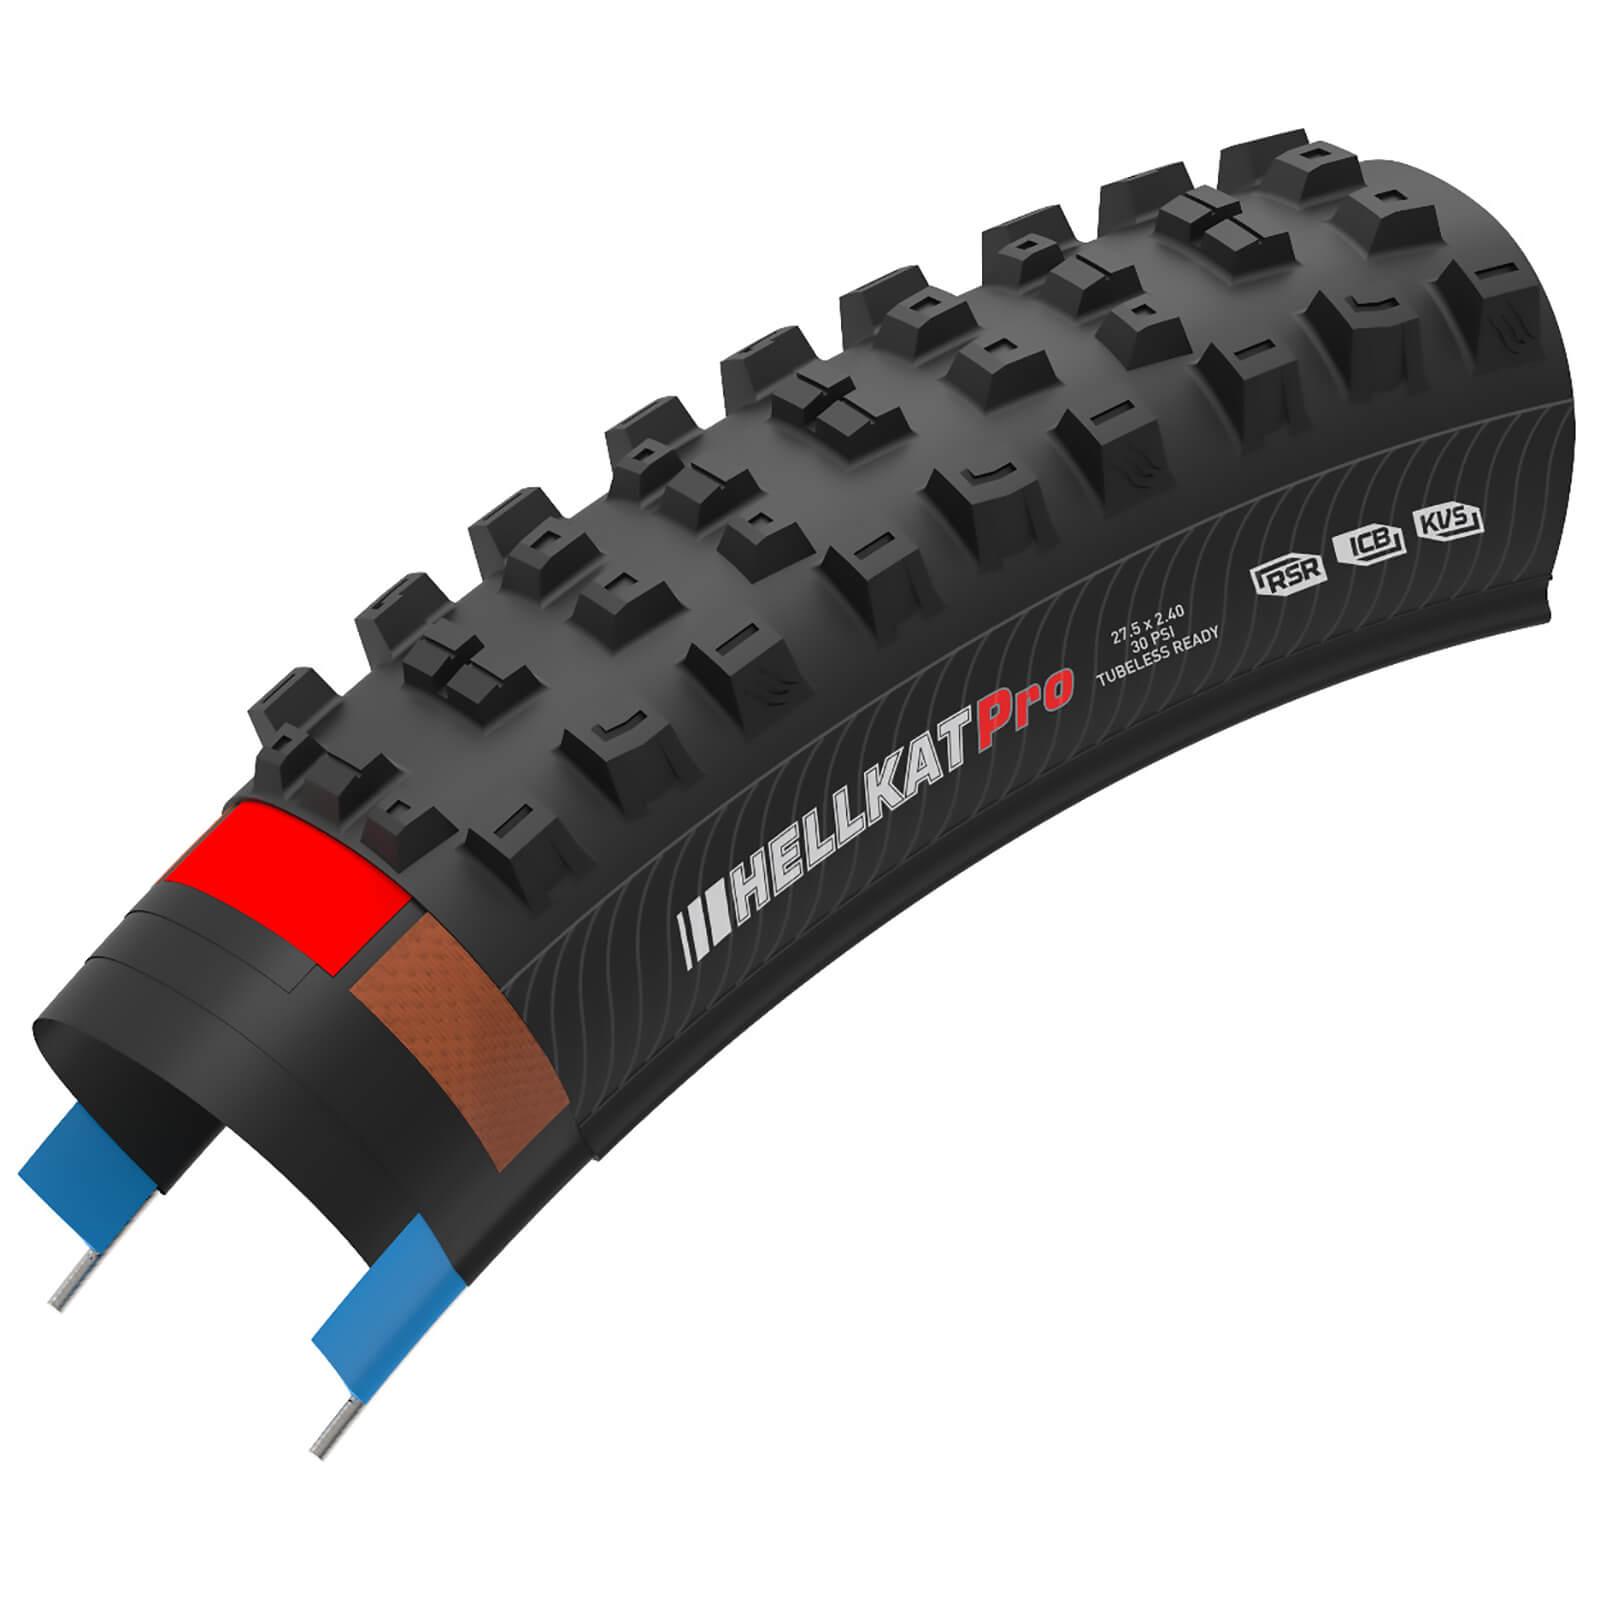 Kenda Hellkat Folding MTB Tire - 27.5   x 2.60  - EN-DTC